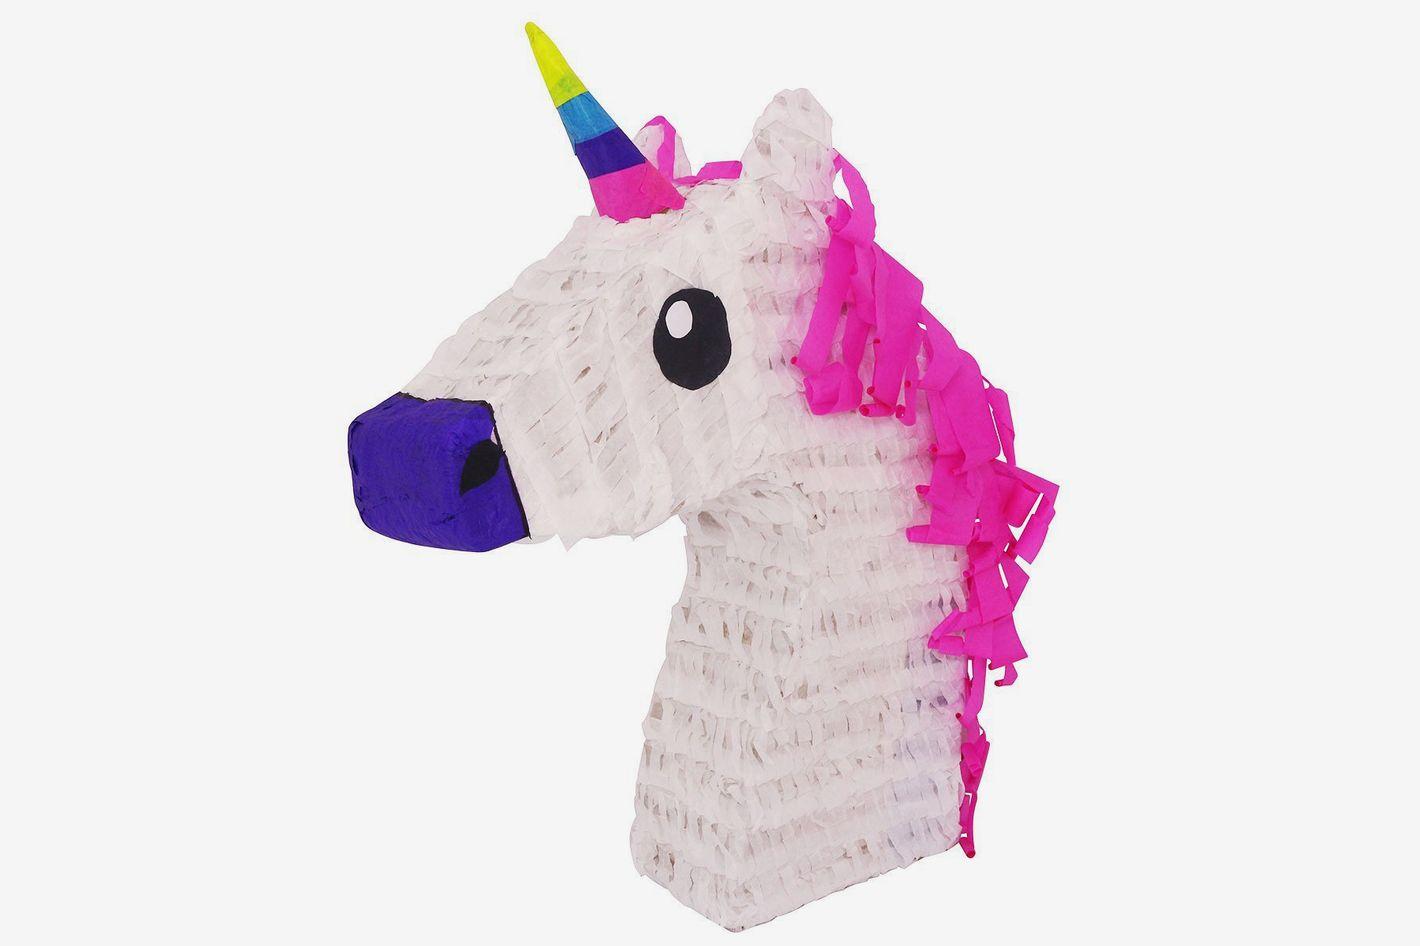 White Unicorn With Pink Hair Piñata